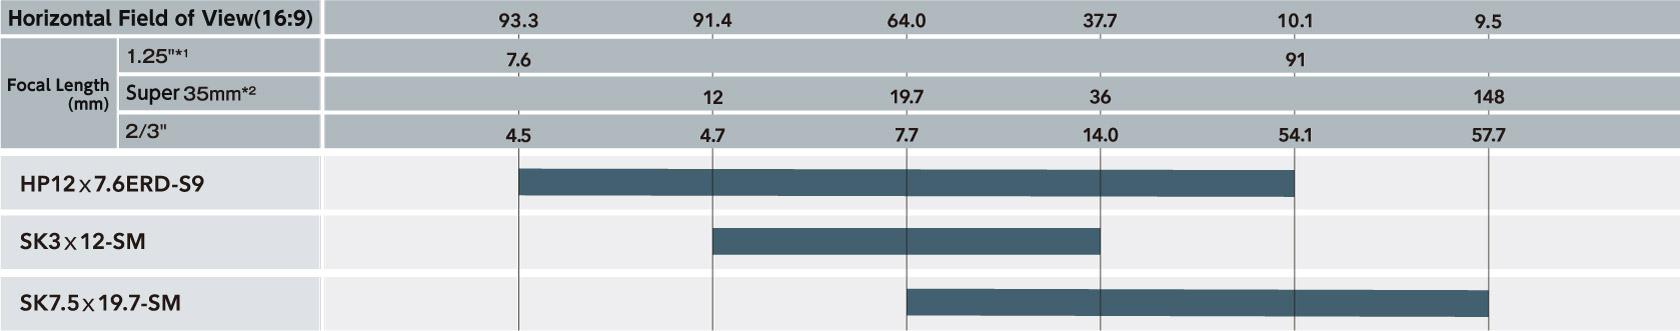 [image] Graphique comparant le champ de vision horizontal (16:9) et la longueur focale (mm) par numéro de modèle